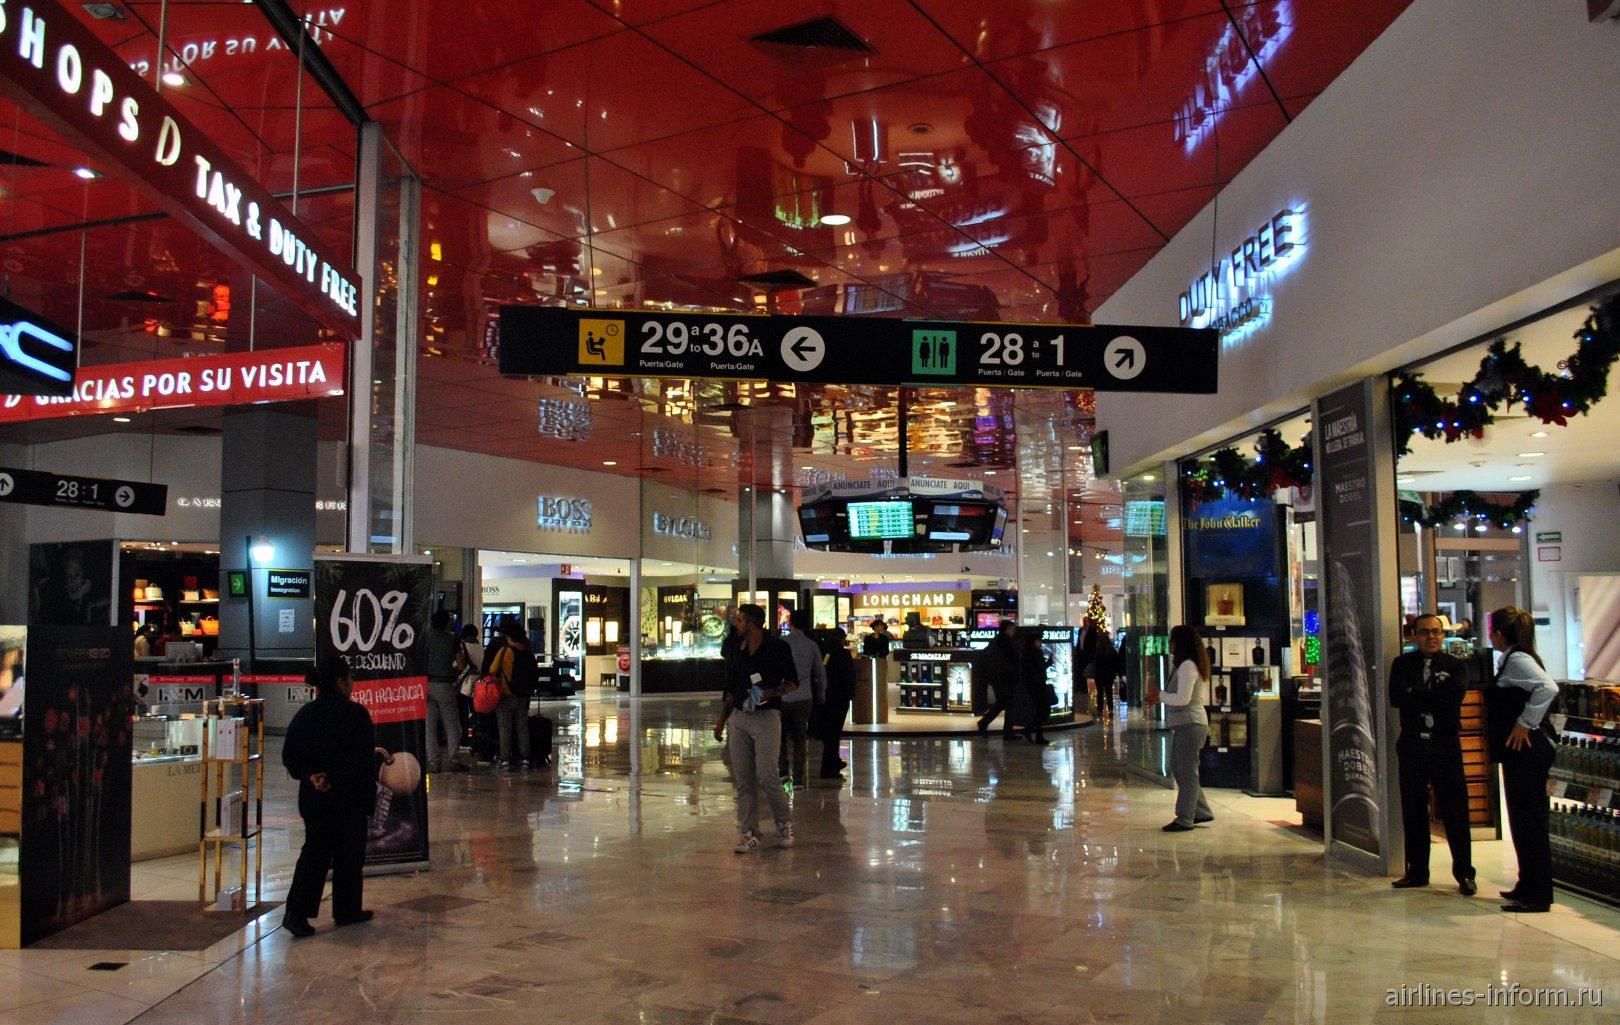 В чистой зоне МВЛ в терминале Т1 аэропорта Мехико Бенито Хуарес